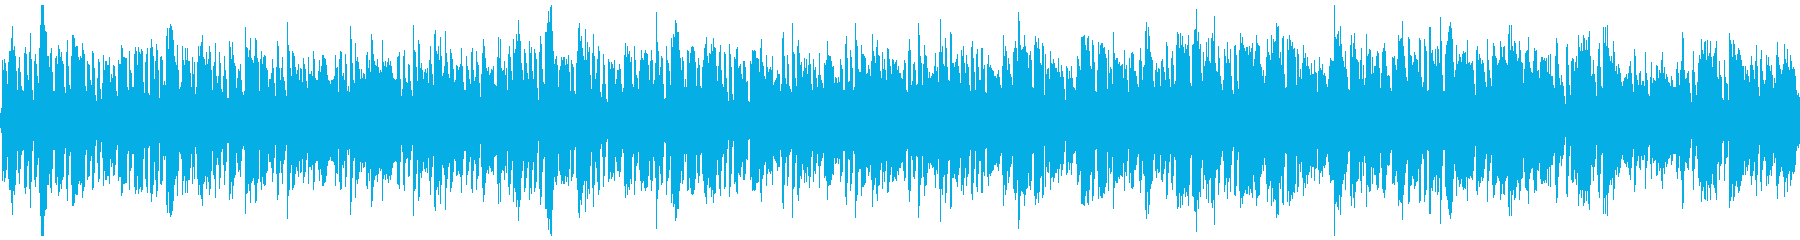 軽快な中世の町BGM・ループの再生済みの波形